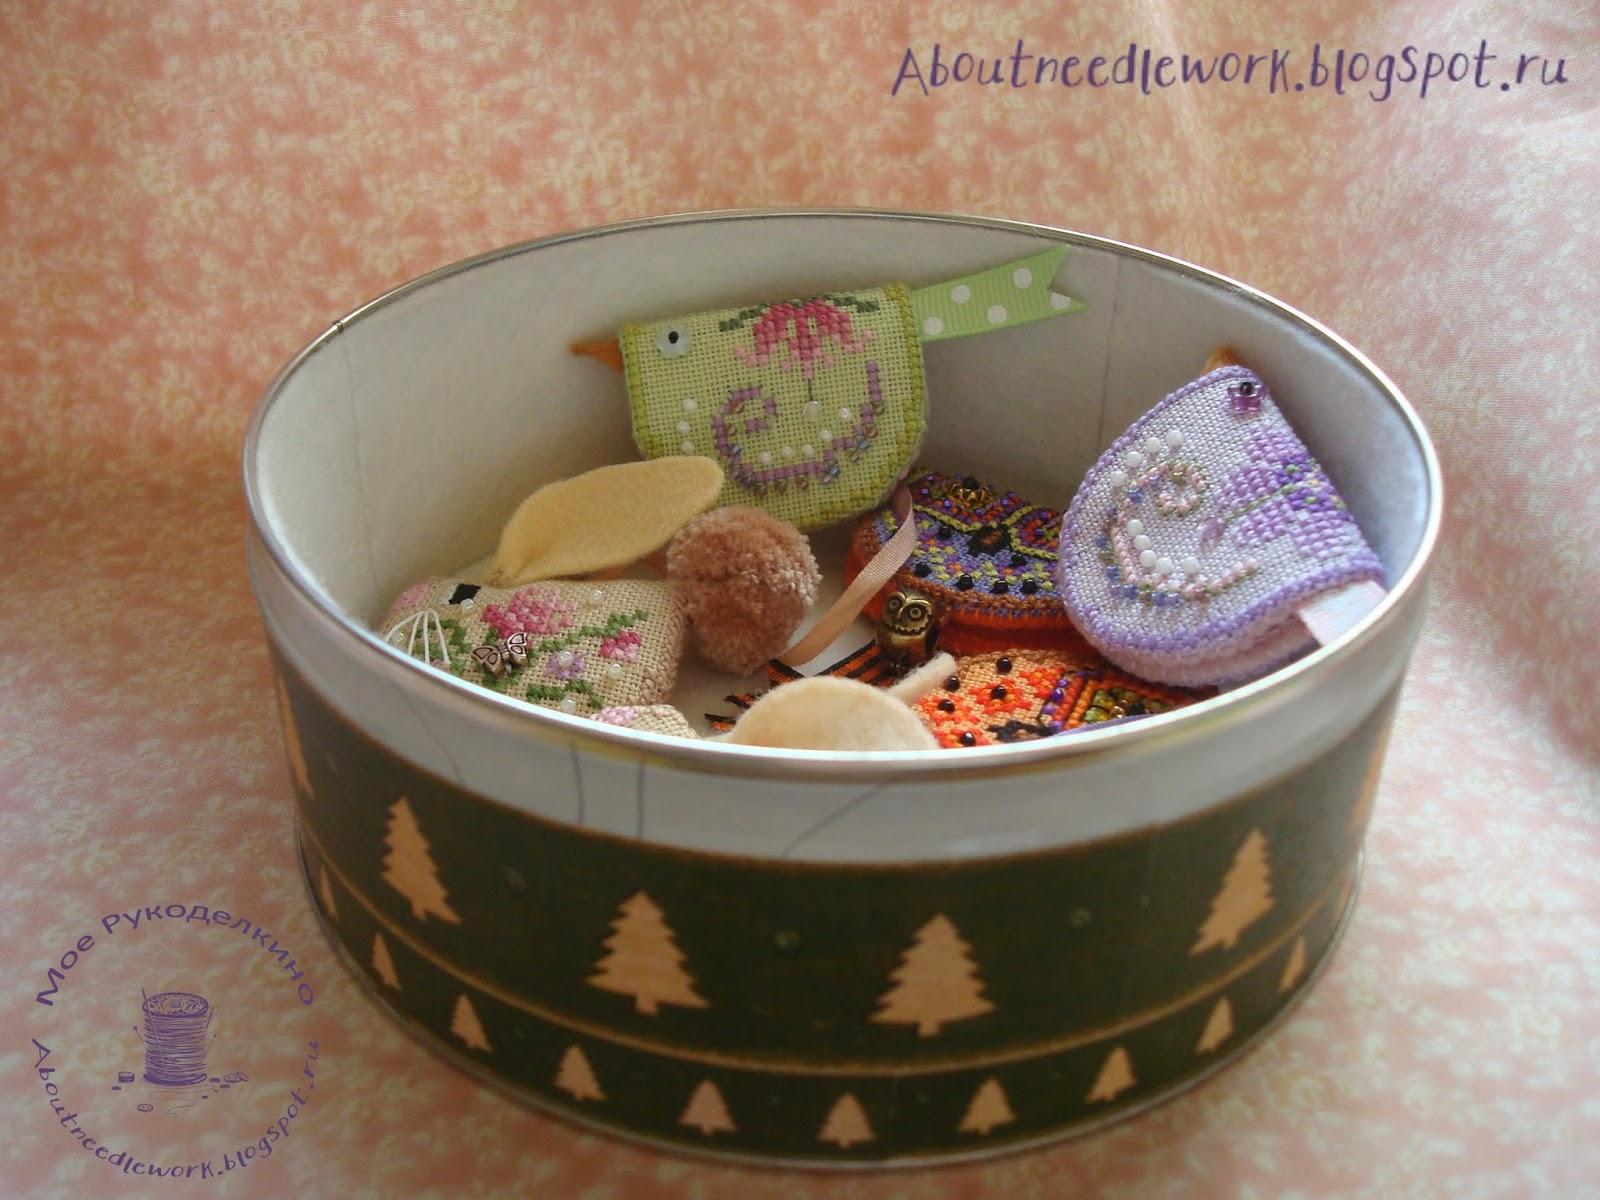 Декорирование коробки: декупаж и вышивка